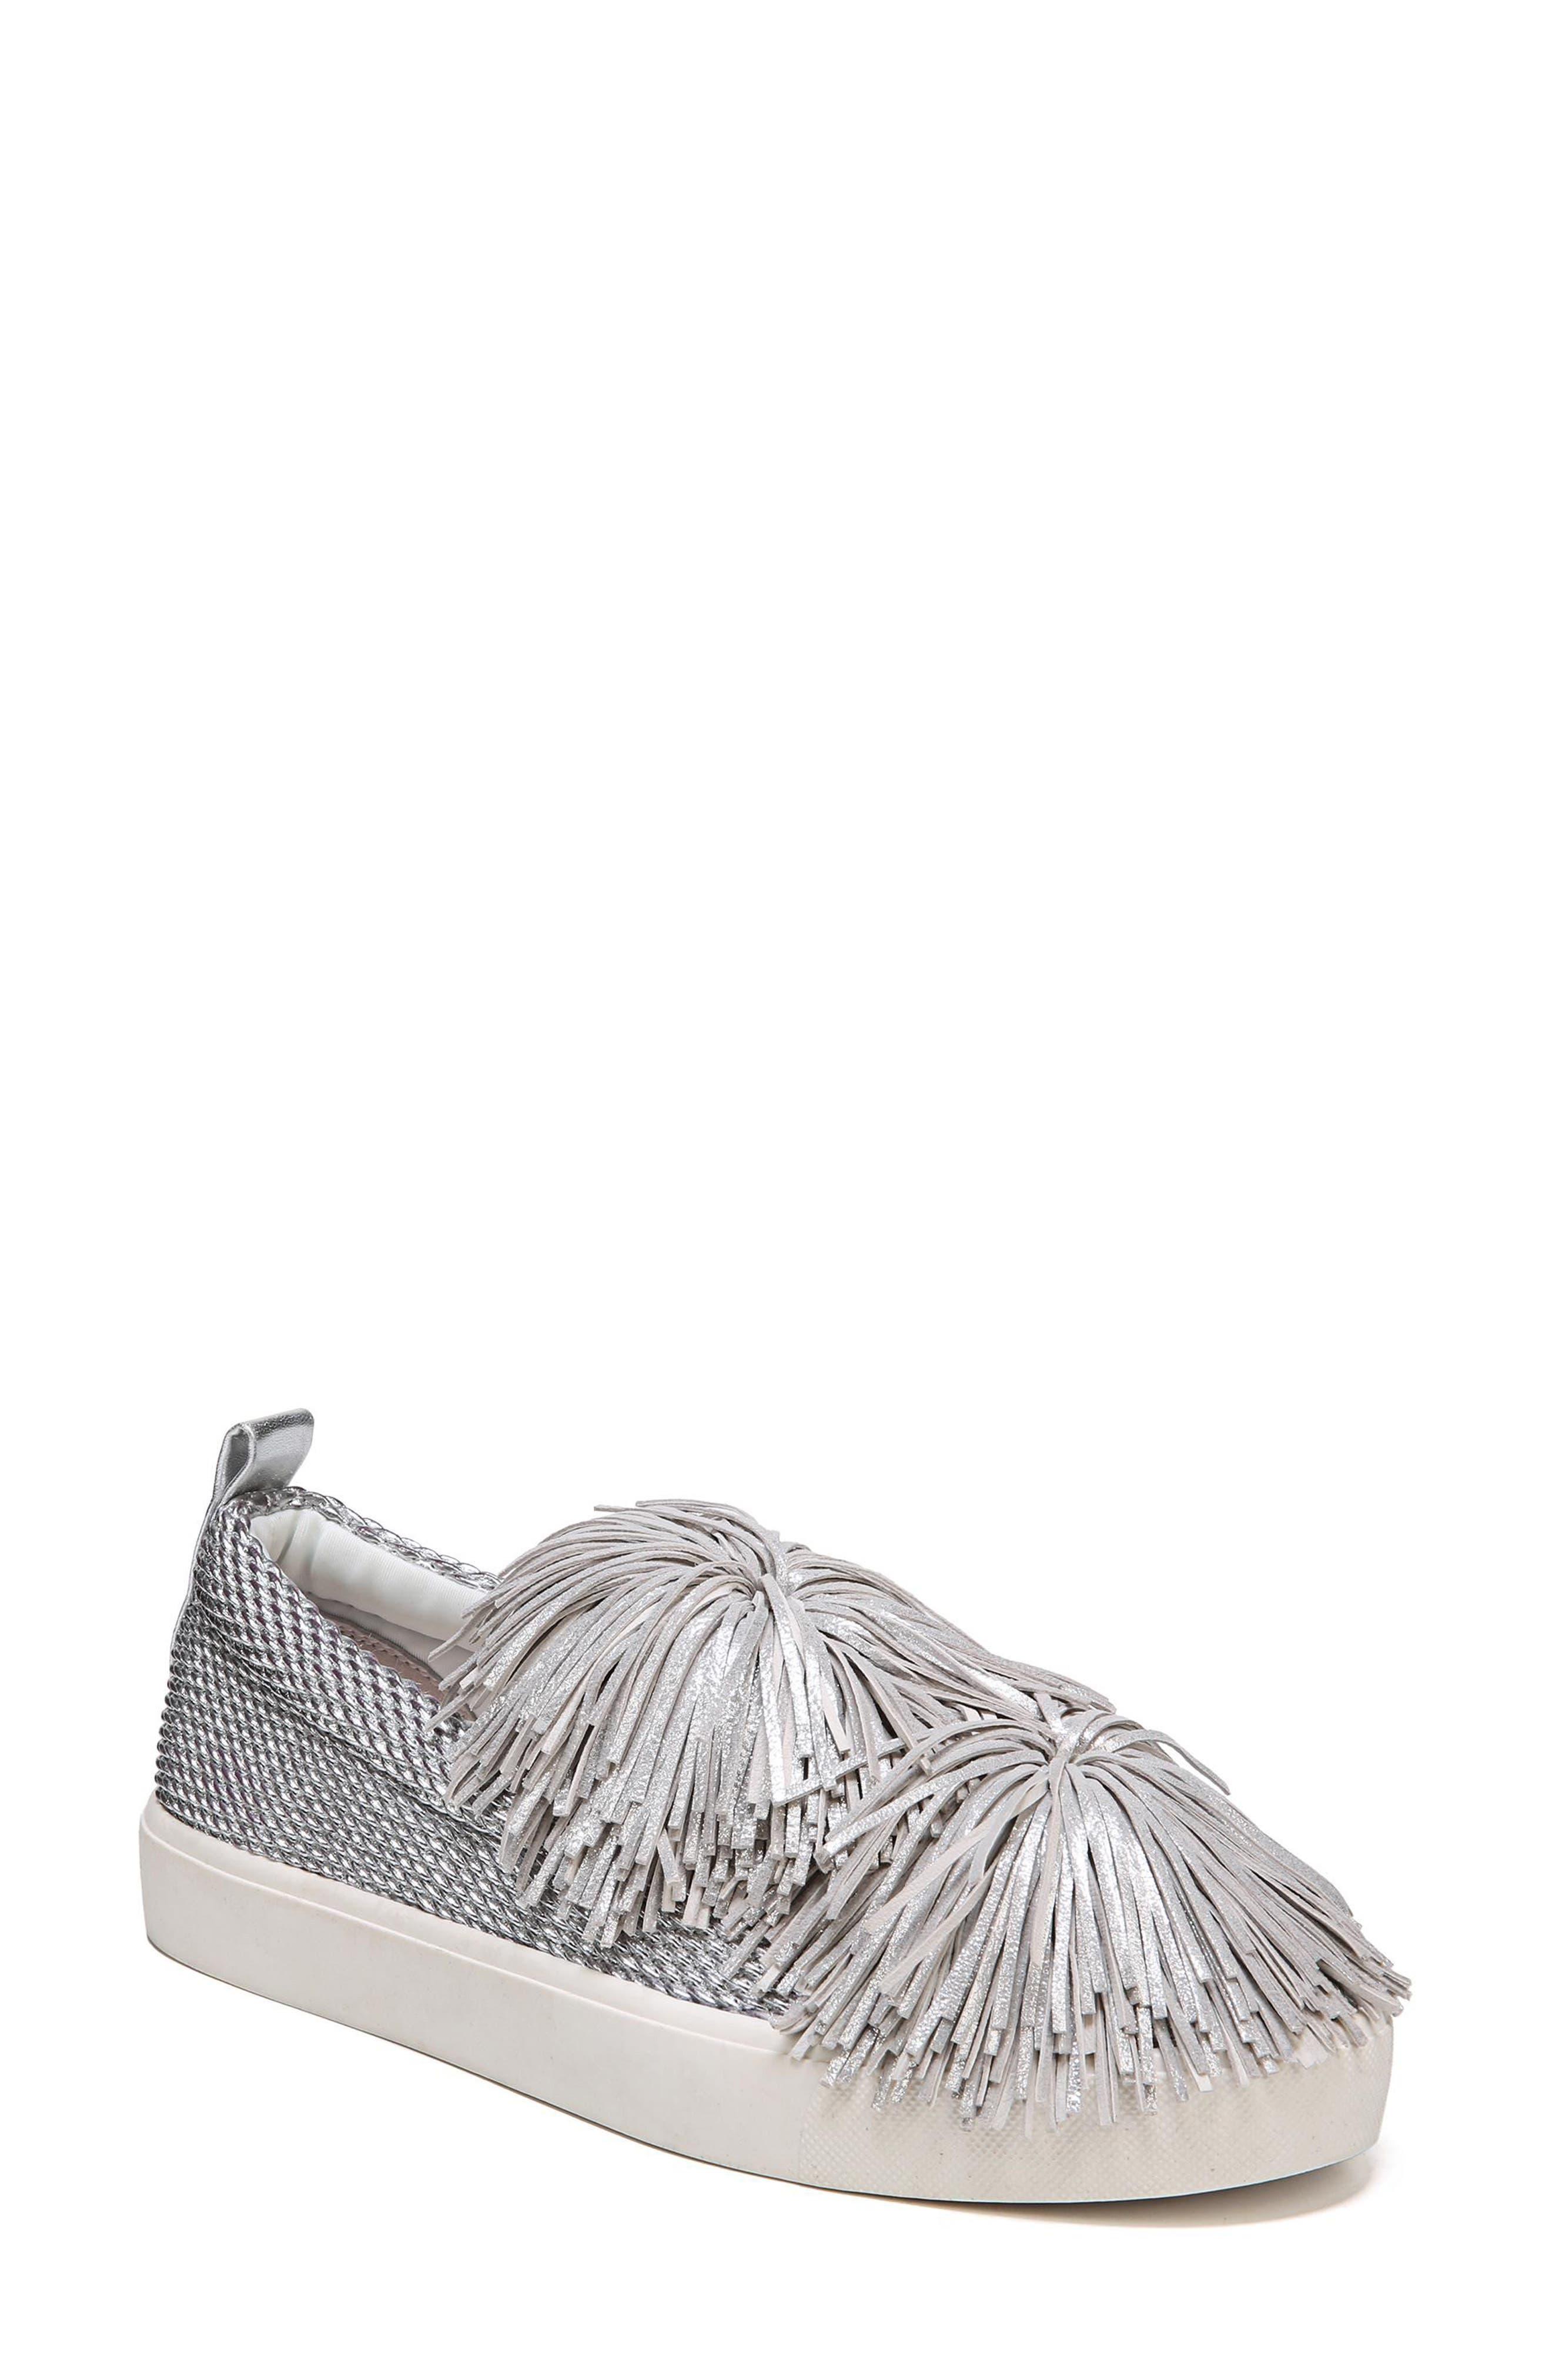 Alternate Image 1 Selected - Sam Edelman Emory Fringe Pompom Sneaker (Women)